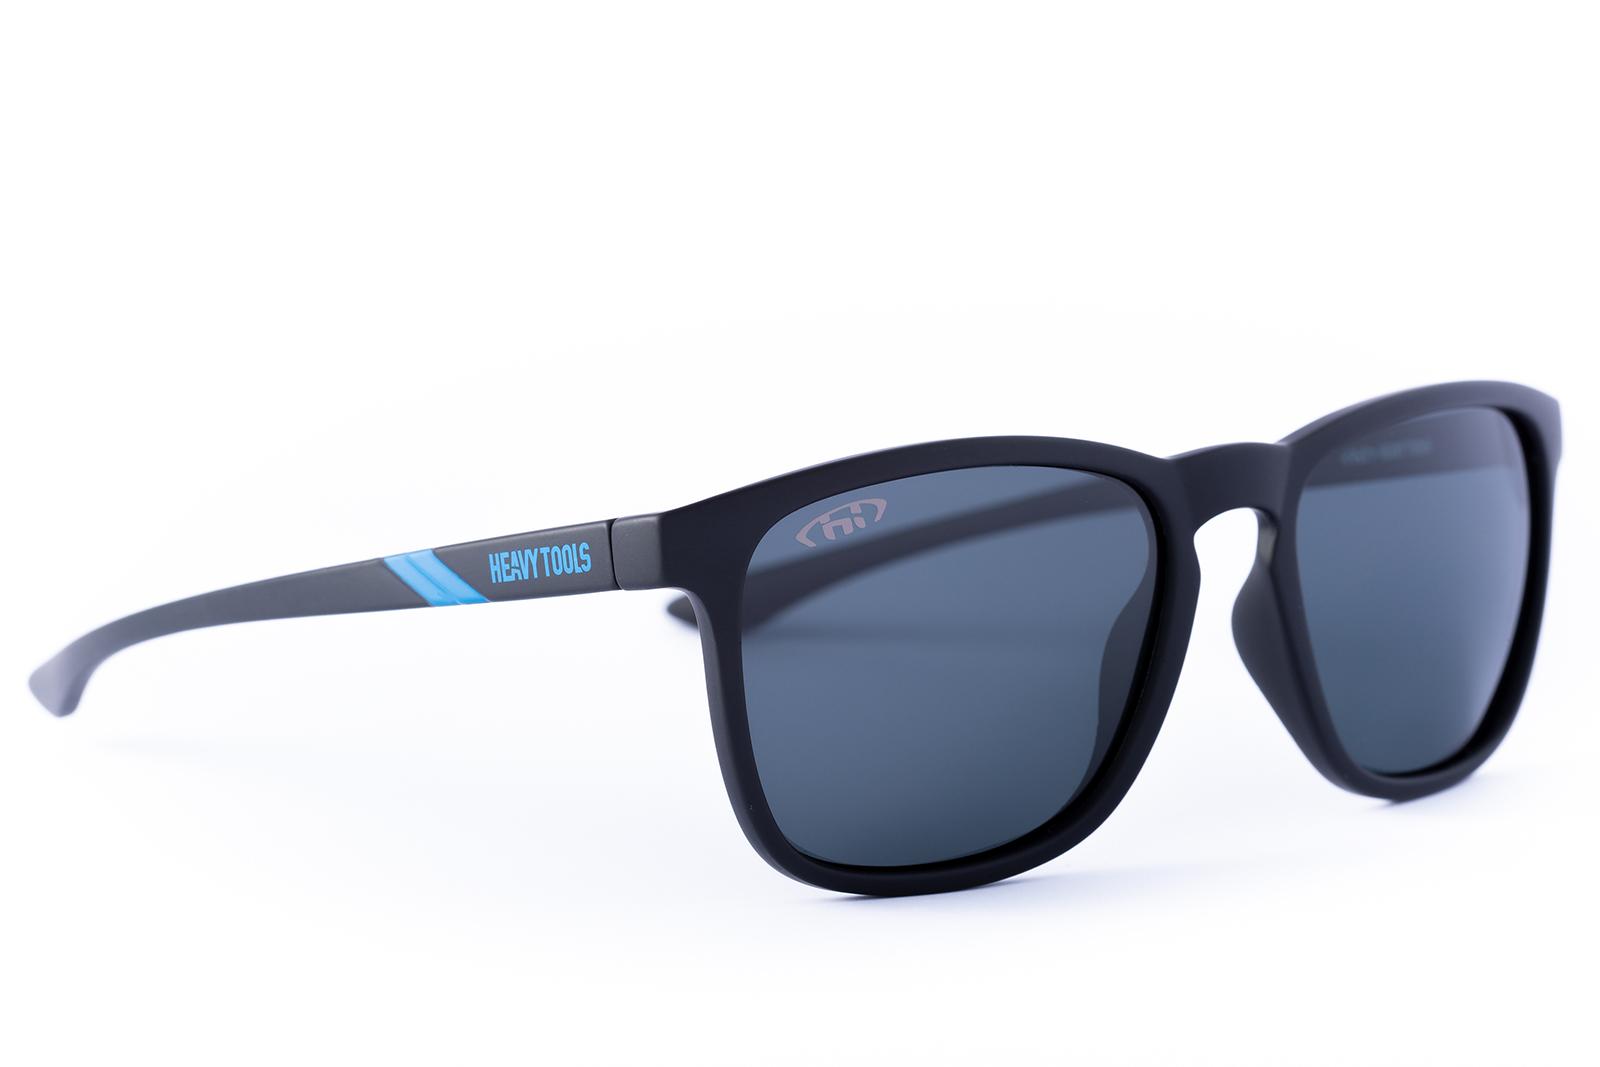 HeavyTools női napszemüveg 6802 D